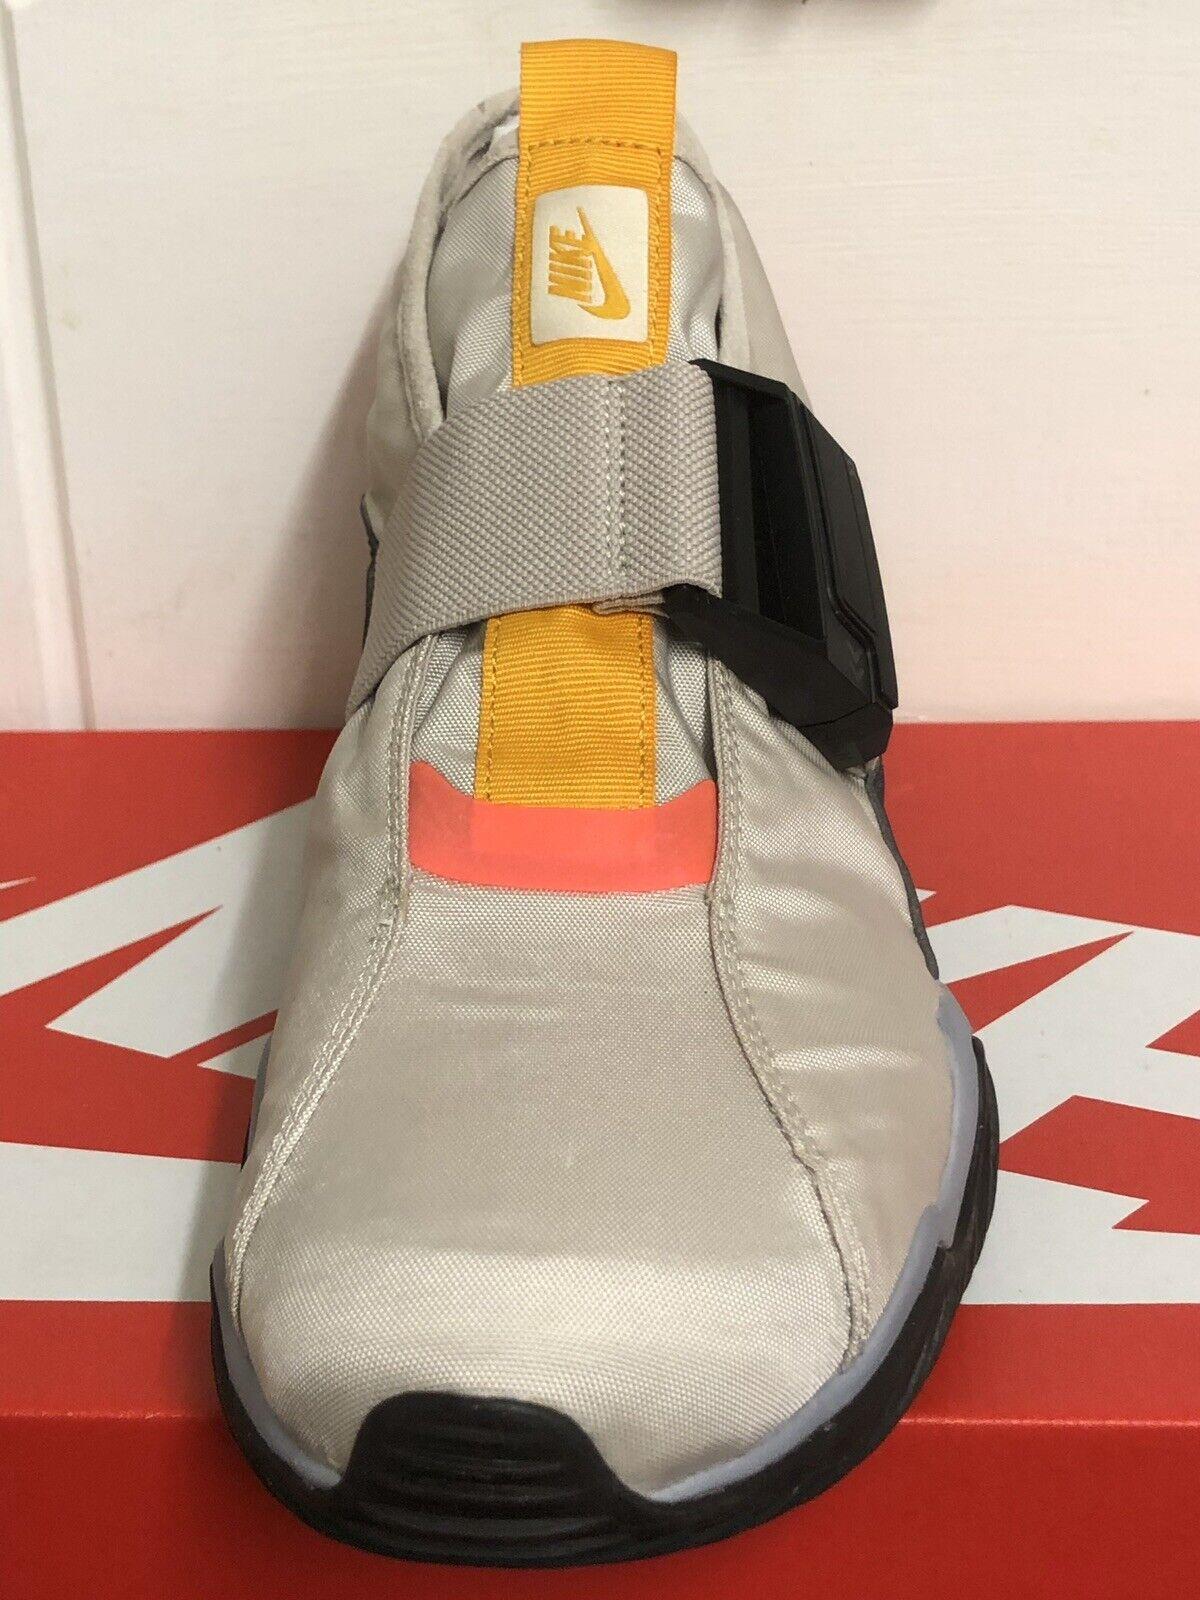 Scarpe da ginnastica Nike komyuter se se se Mens Scarpe da ginnastica ACG colourway EUR 42 US 9 547a38